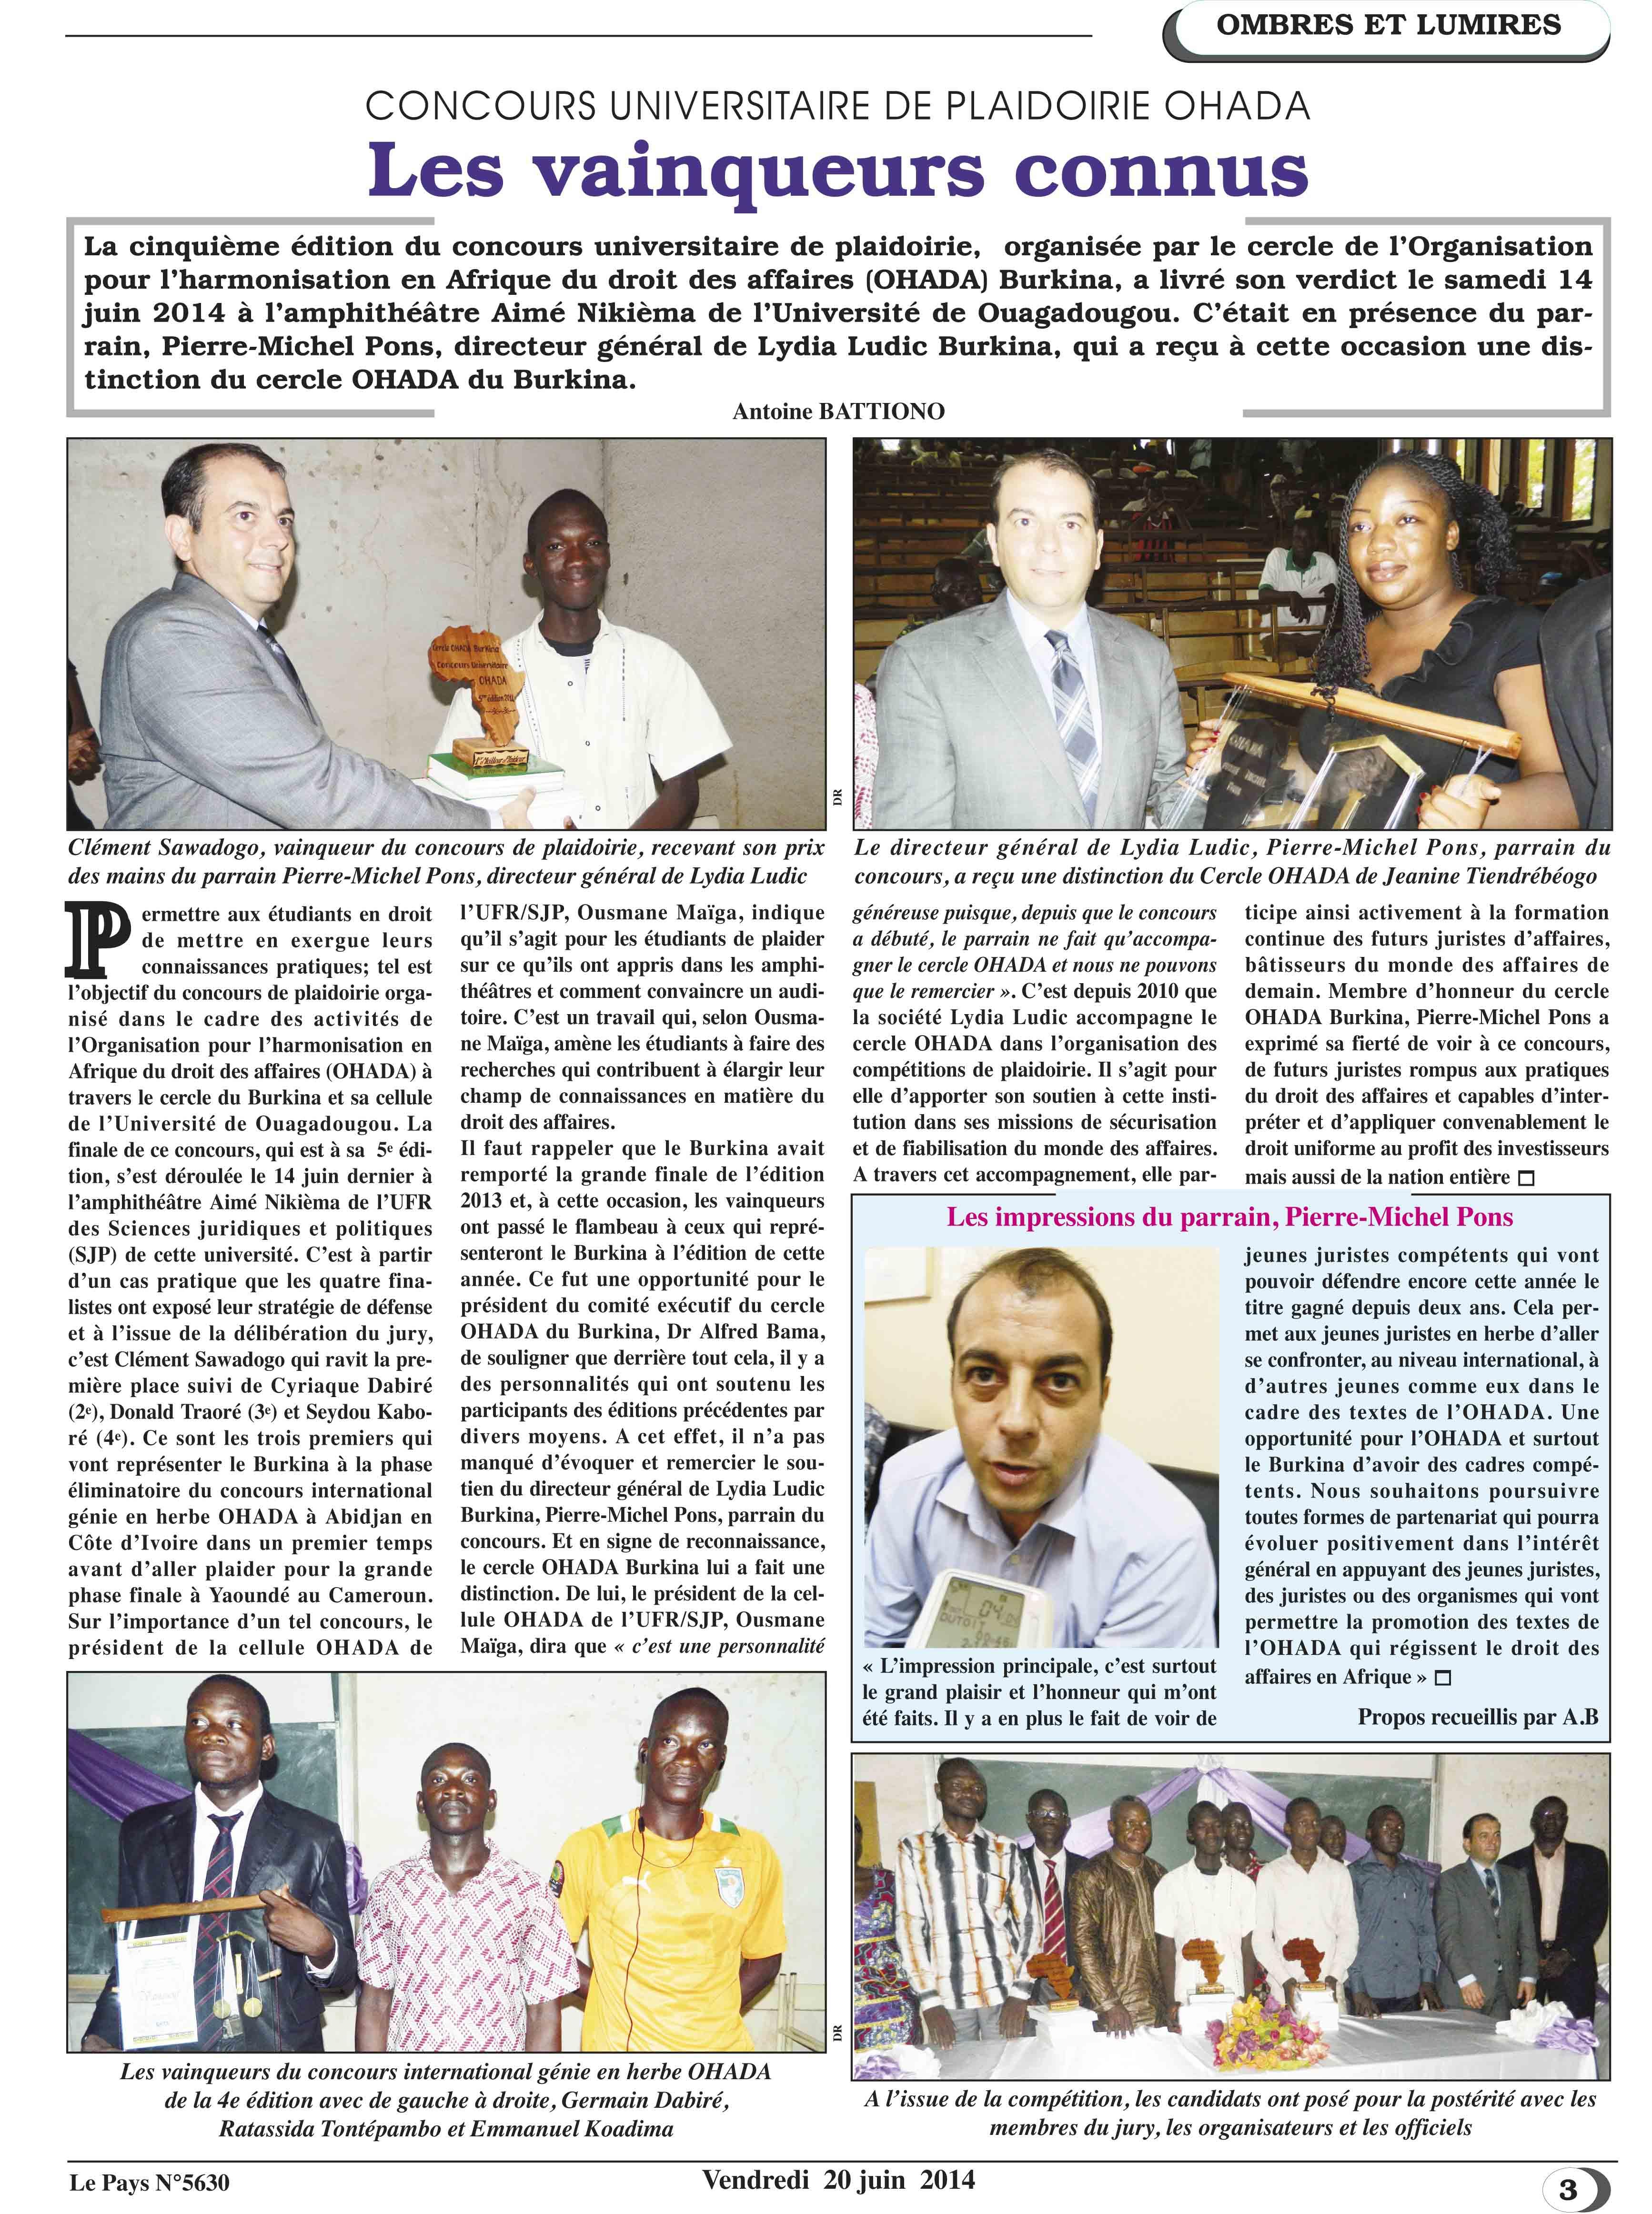 Lydia Ludic Burkina Faso dans le quotidien burkinabé Le Pays n° 5630 (20 juin 2014) : CONCOURS UNIVERSITAIRE DE PLAIDOIRIE OHADA - Les vainqueurs connus